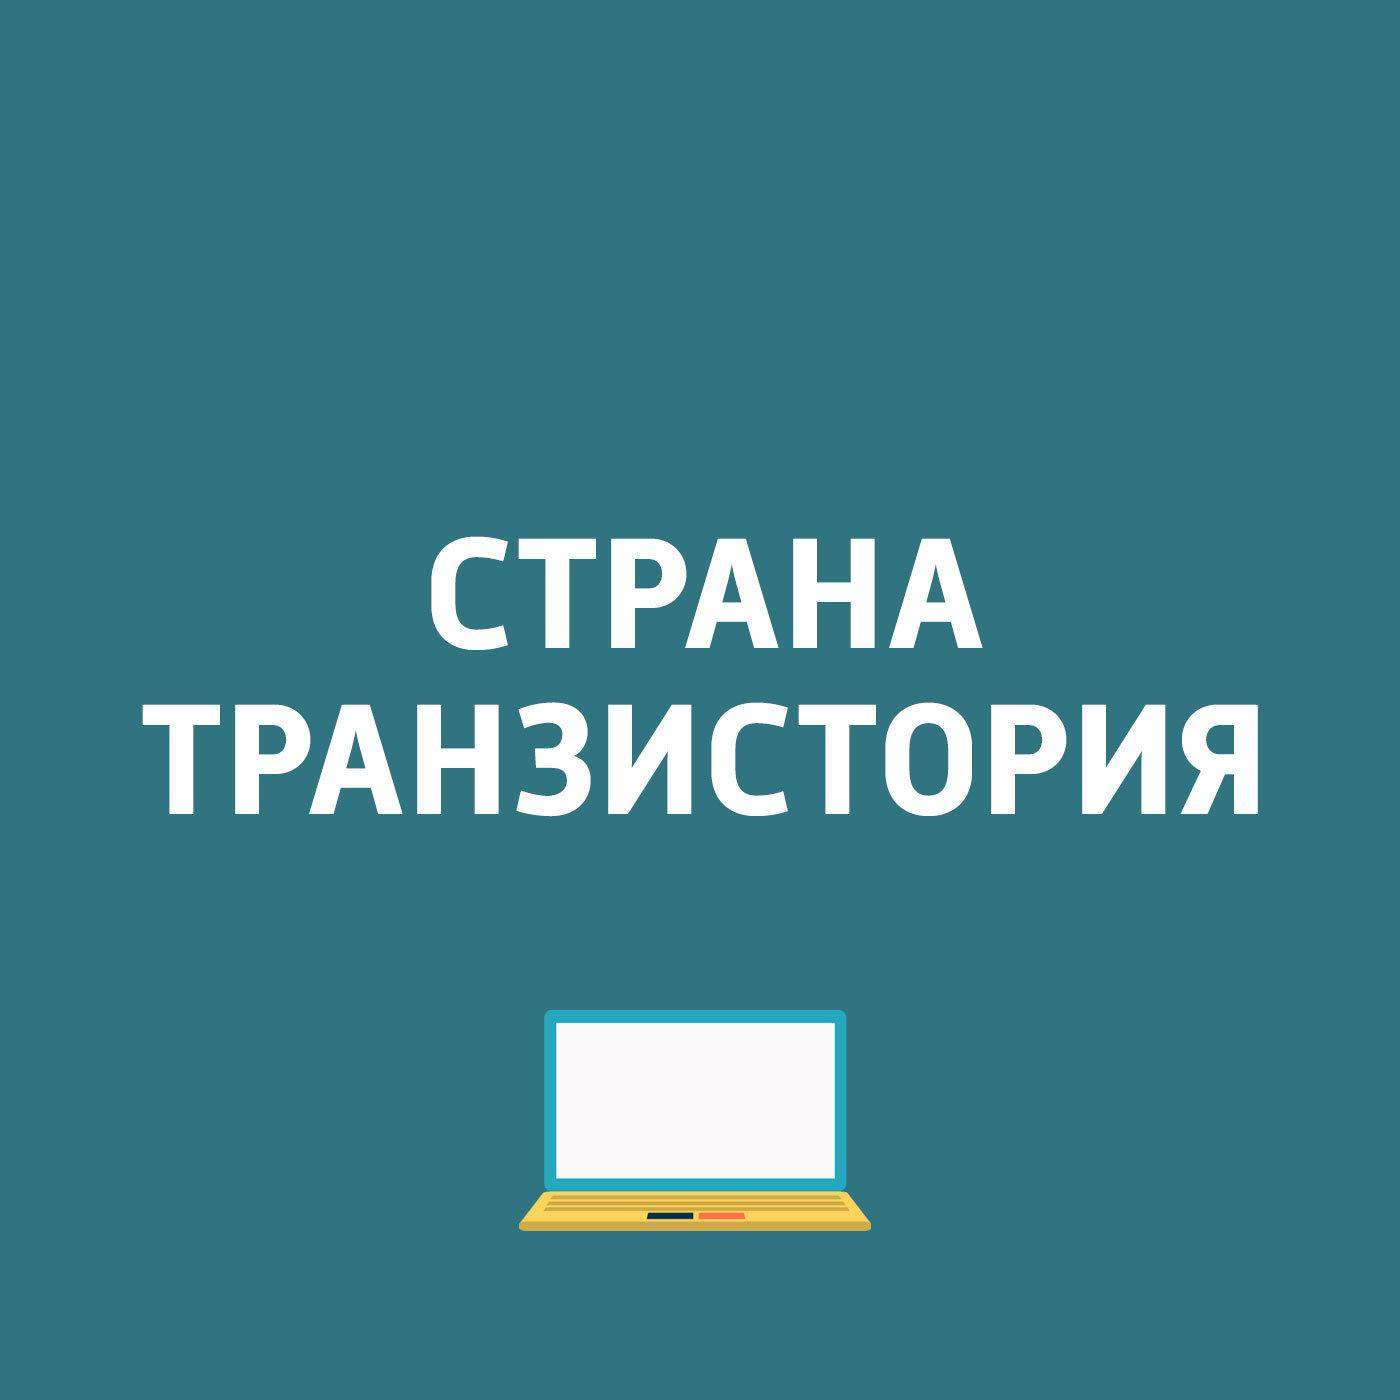 Картаев Павел HTC Desire 825 dual sim; Google Expeditions для Android... картаев павел компания samsung electronics презентовала galaxy note 8 в facebook можно делать фотографии 360 градусов